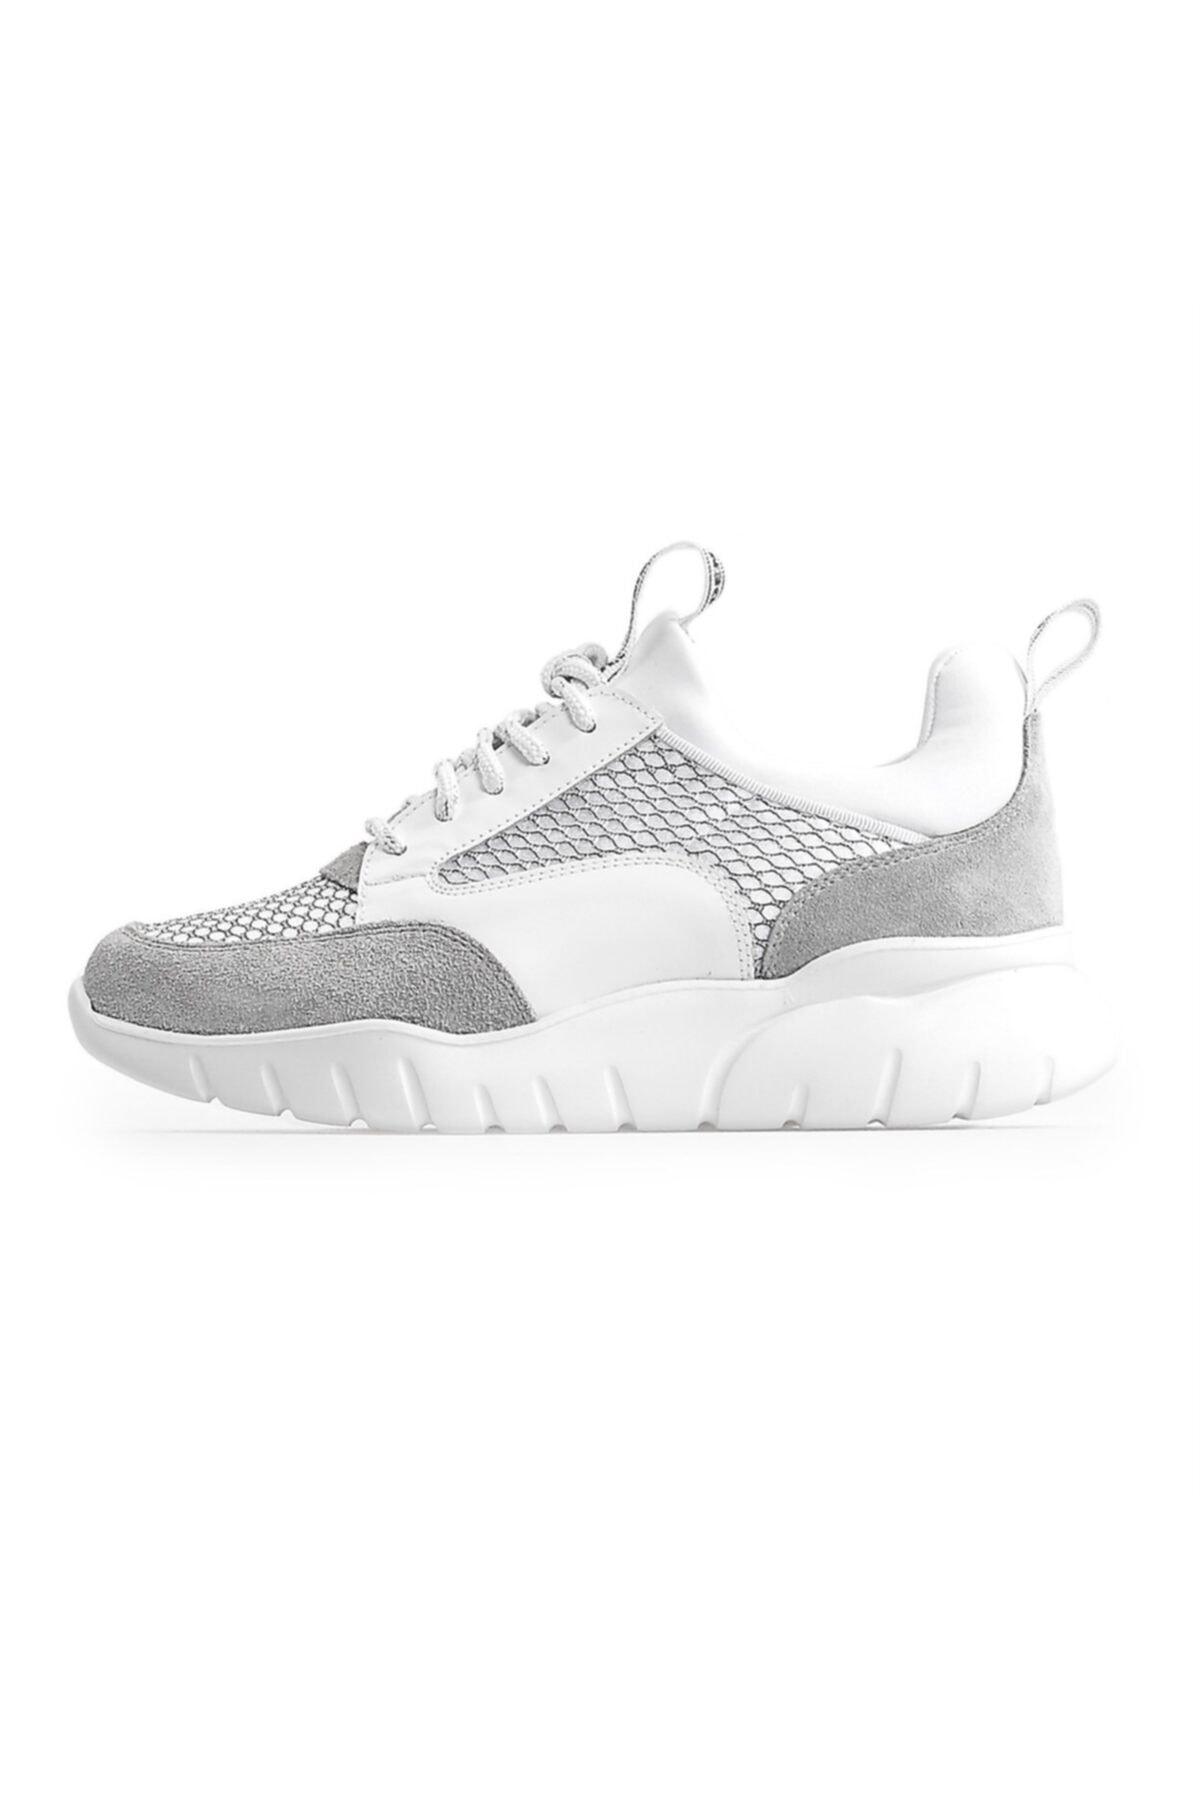 Flower Beyaz File Detaylo Kadın Spor Ayakkabı 1